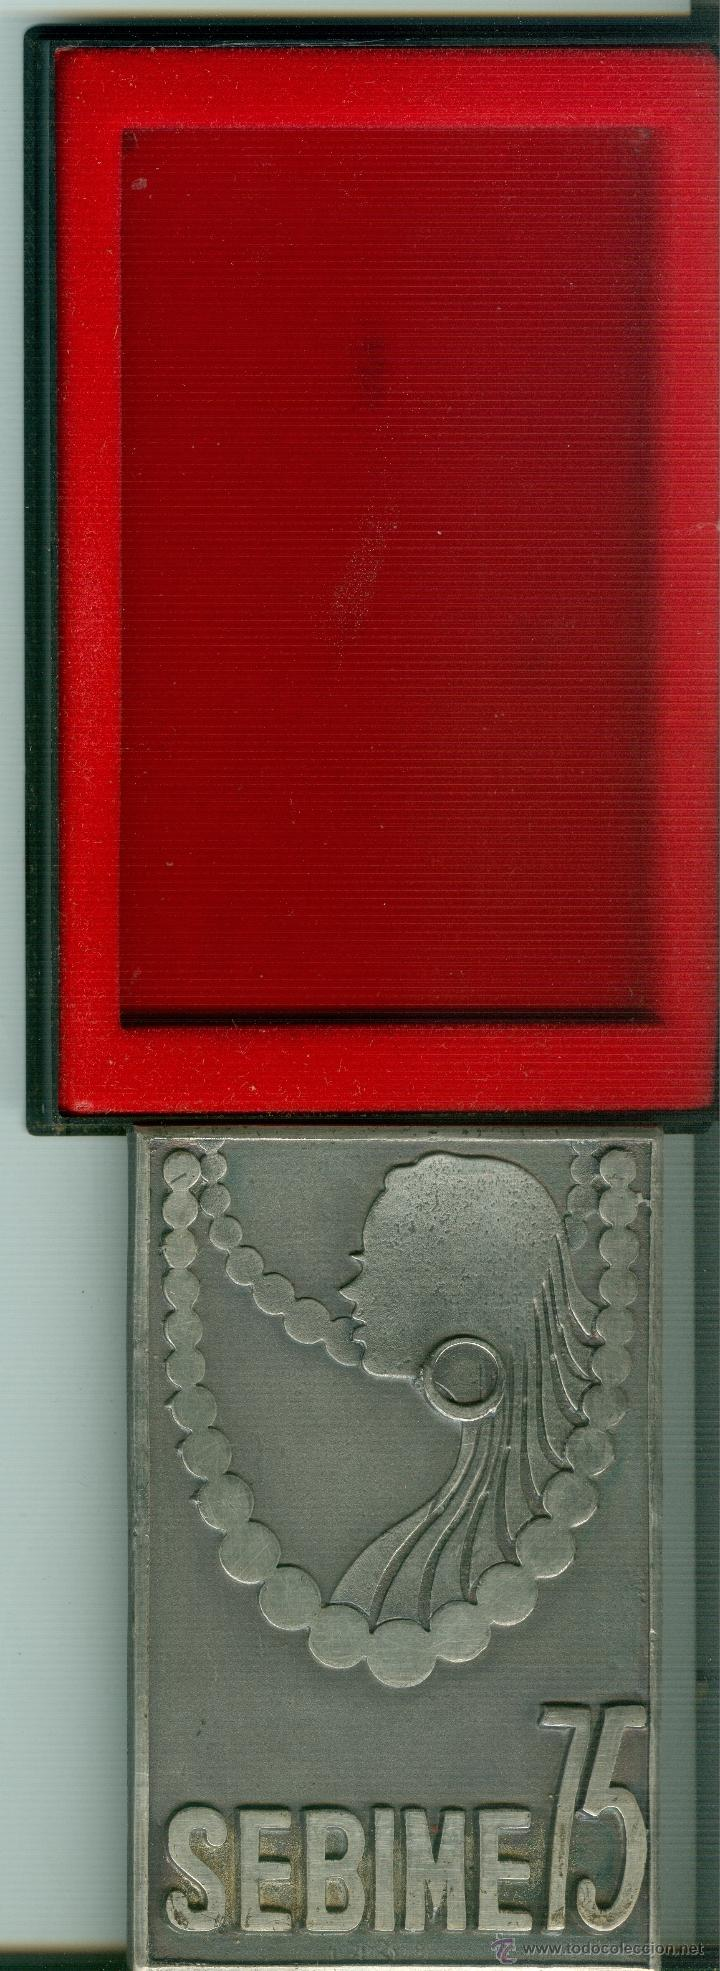 MEDALLA/PISAPAPELES CONMEMORATIVO SEBIME 1975 MAHÓN MENORCA (Numismática - Medallería - Trofeos y Conmemorativas)